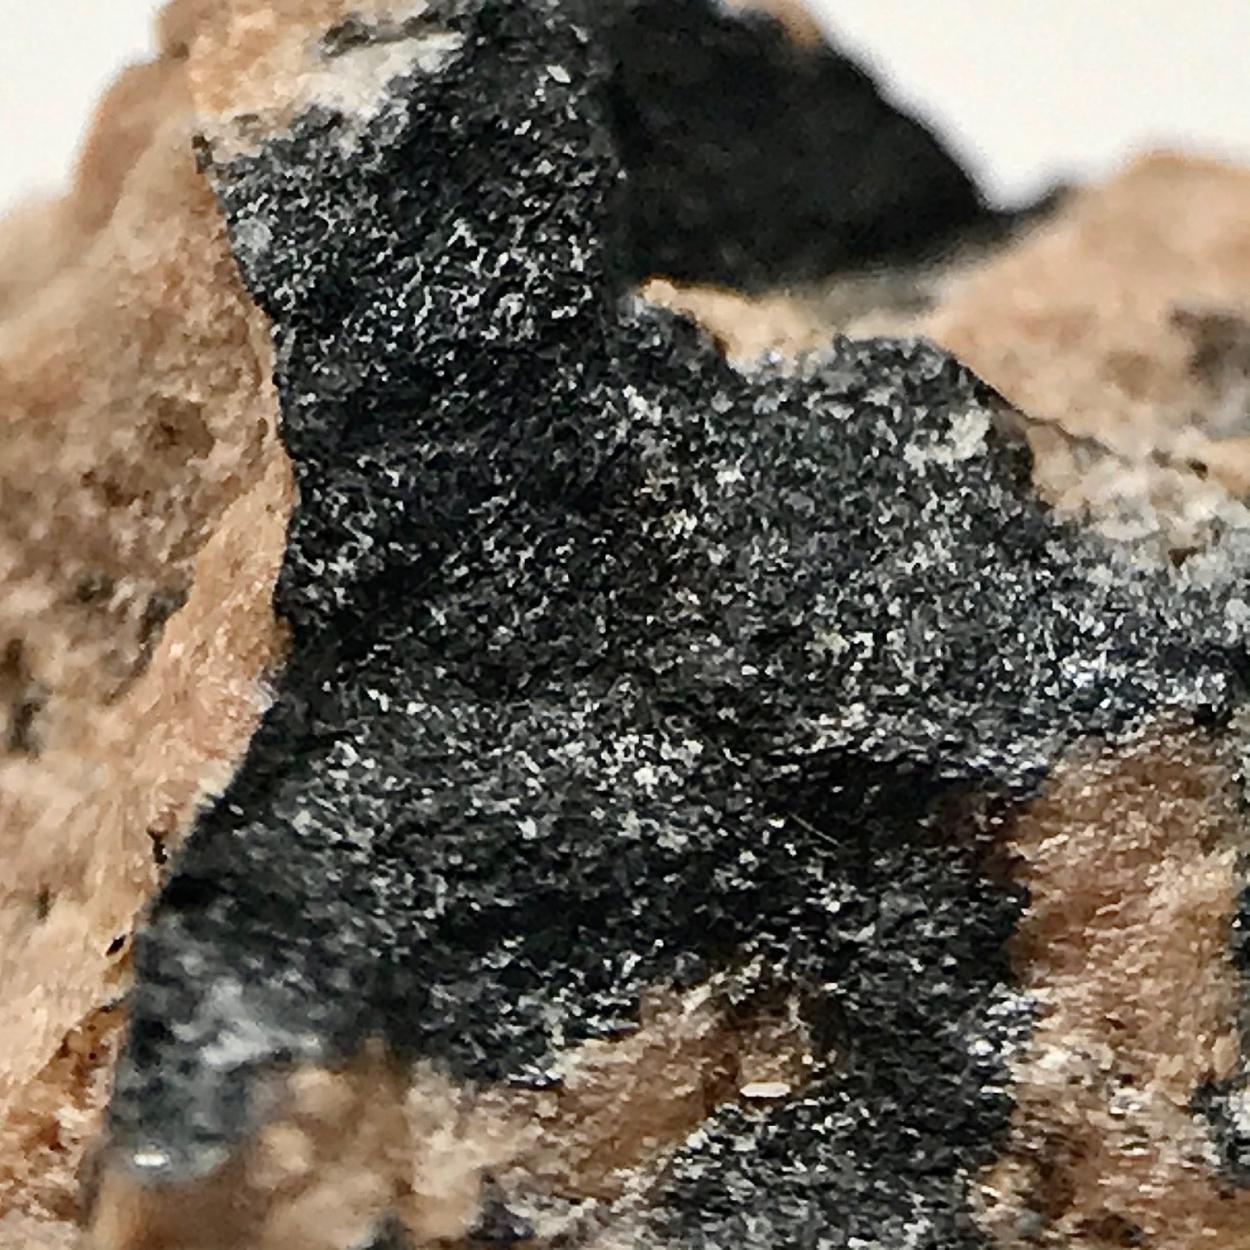 Julgoldite-(Fe2+)